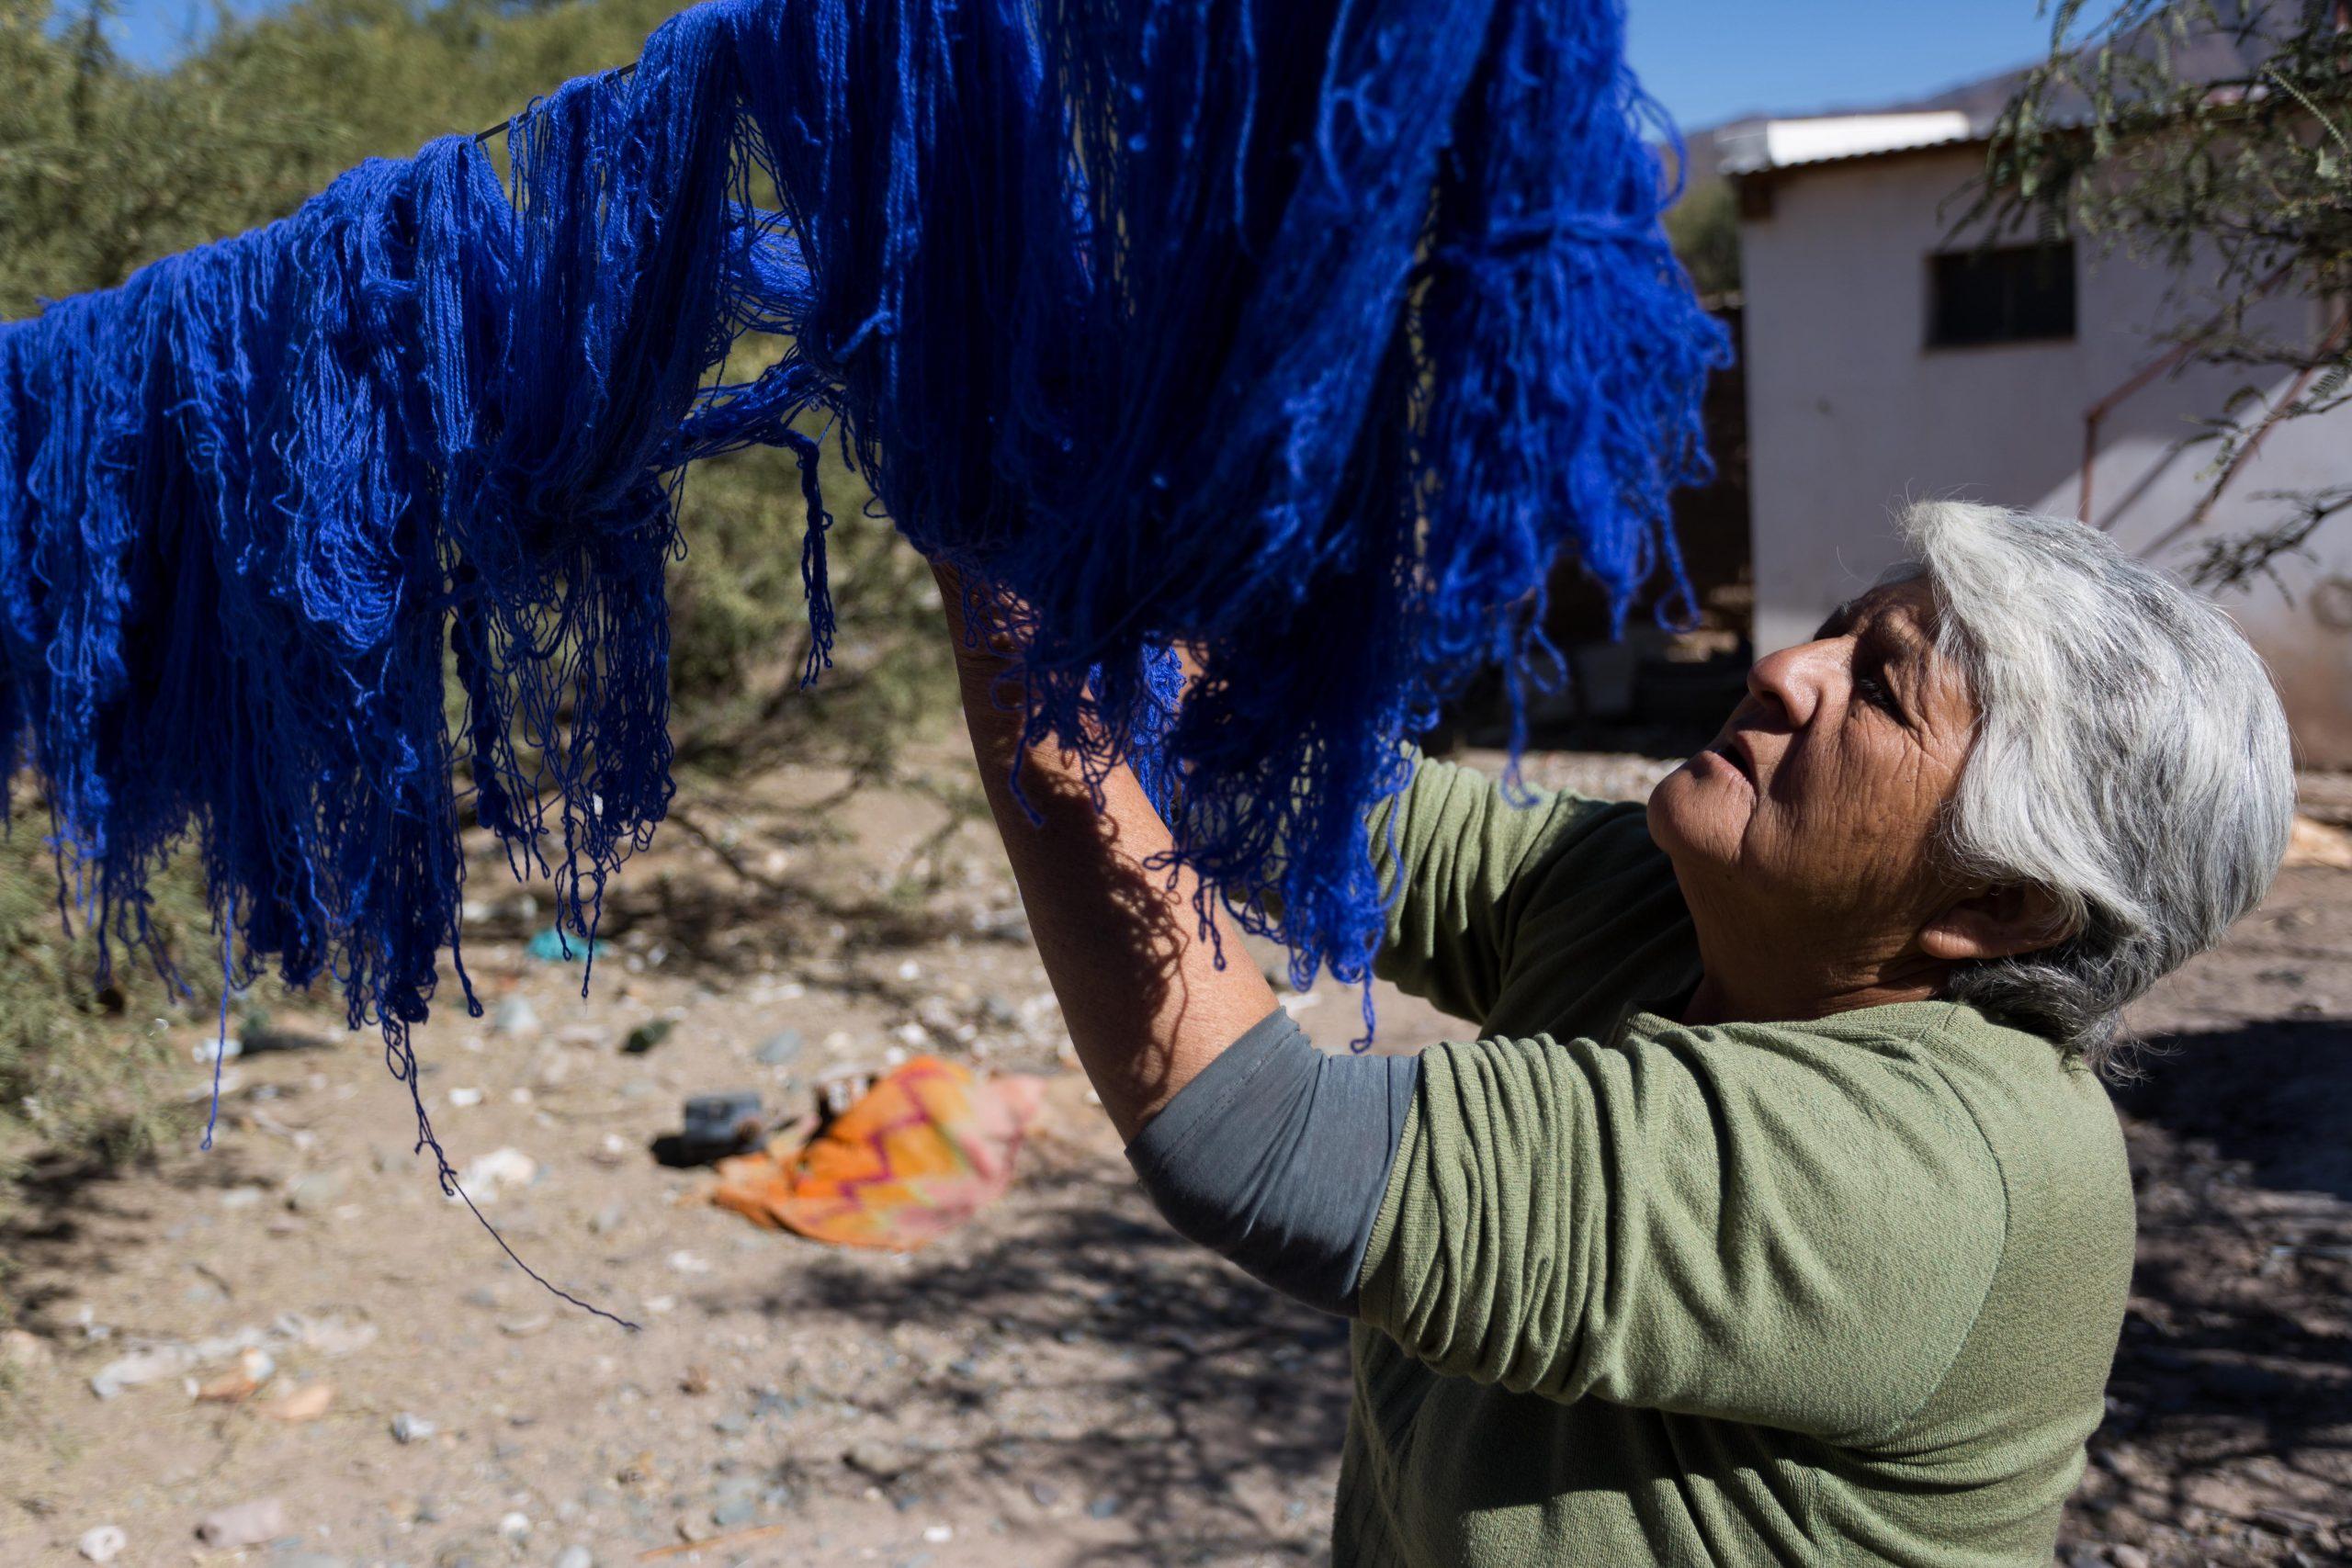 Valley weaver